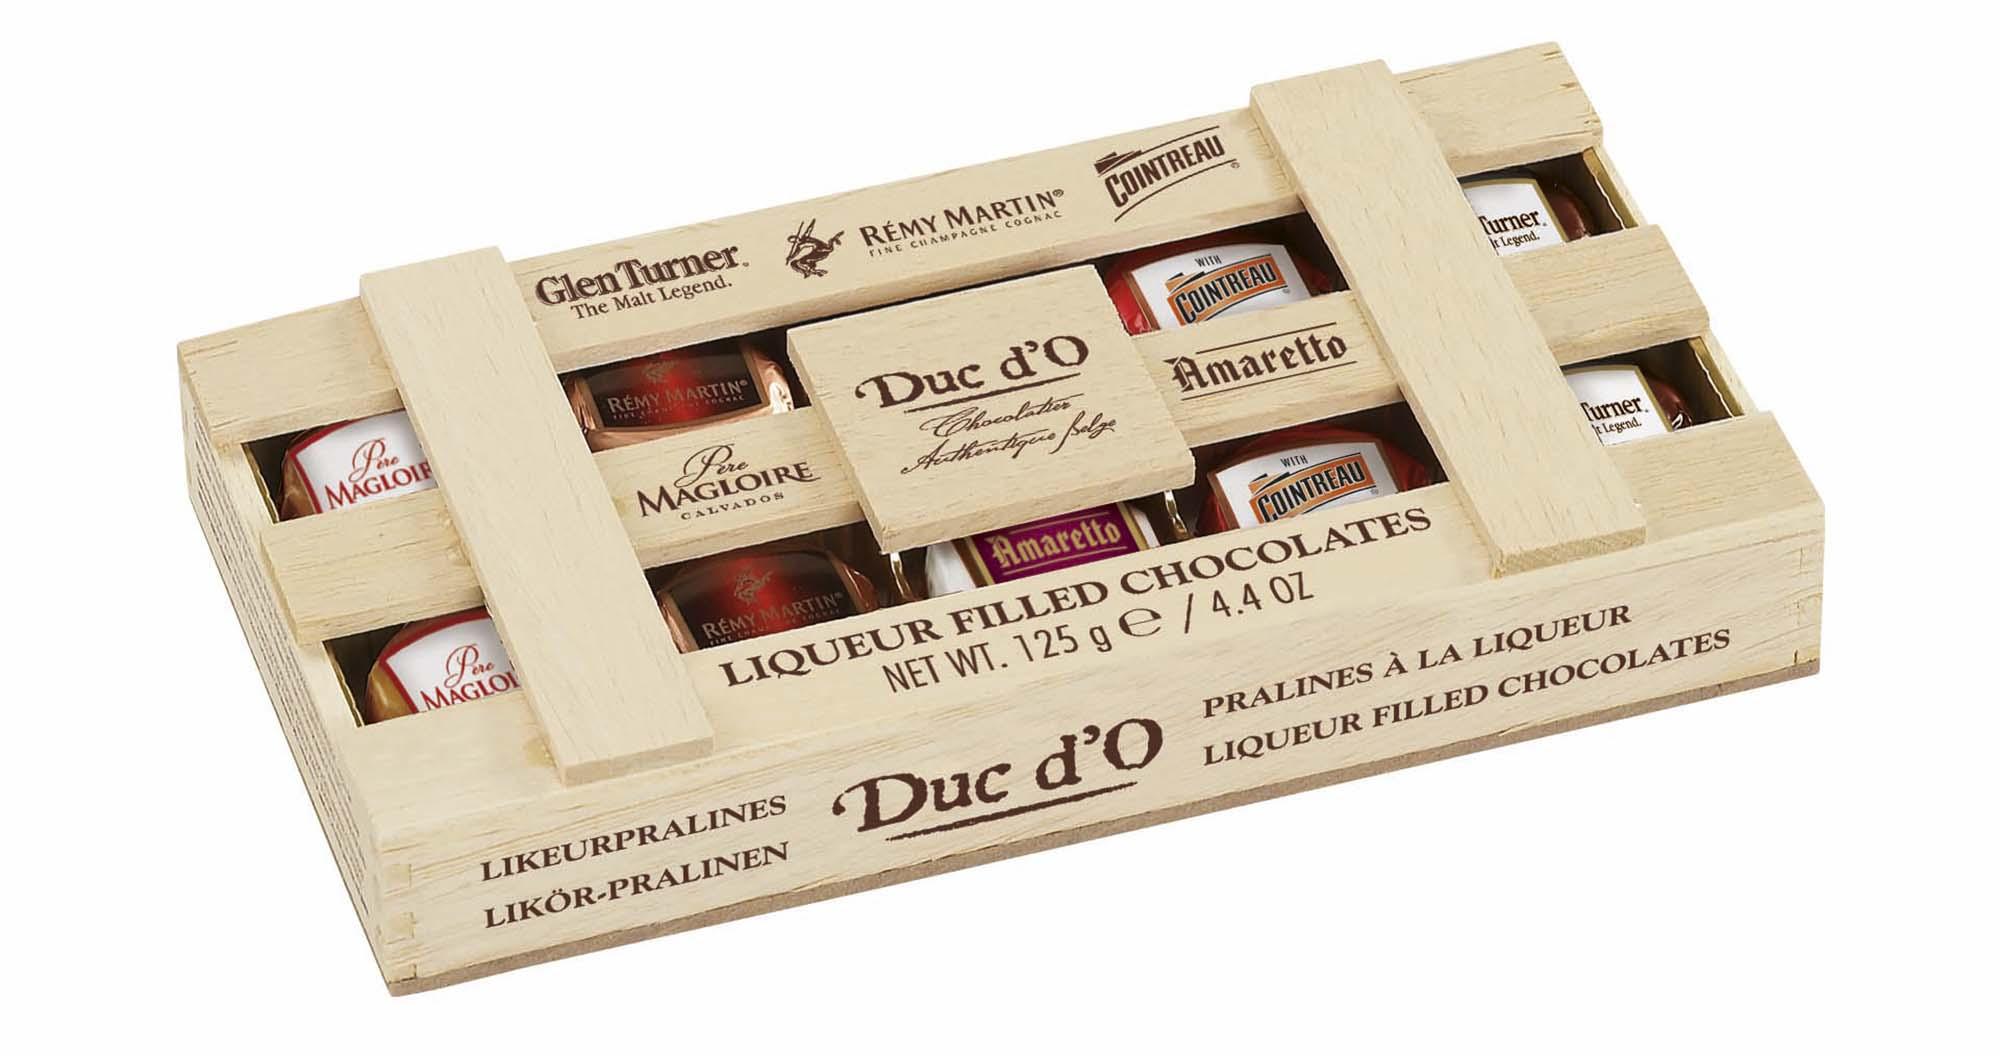 3D_DDO_Liqueurpralines_125g